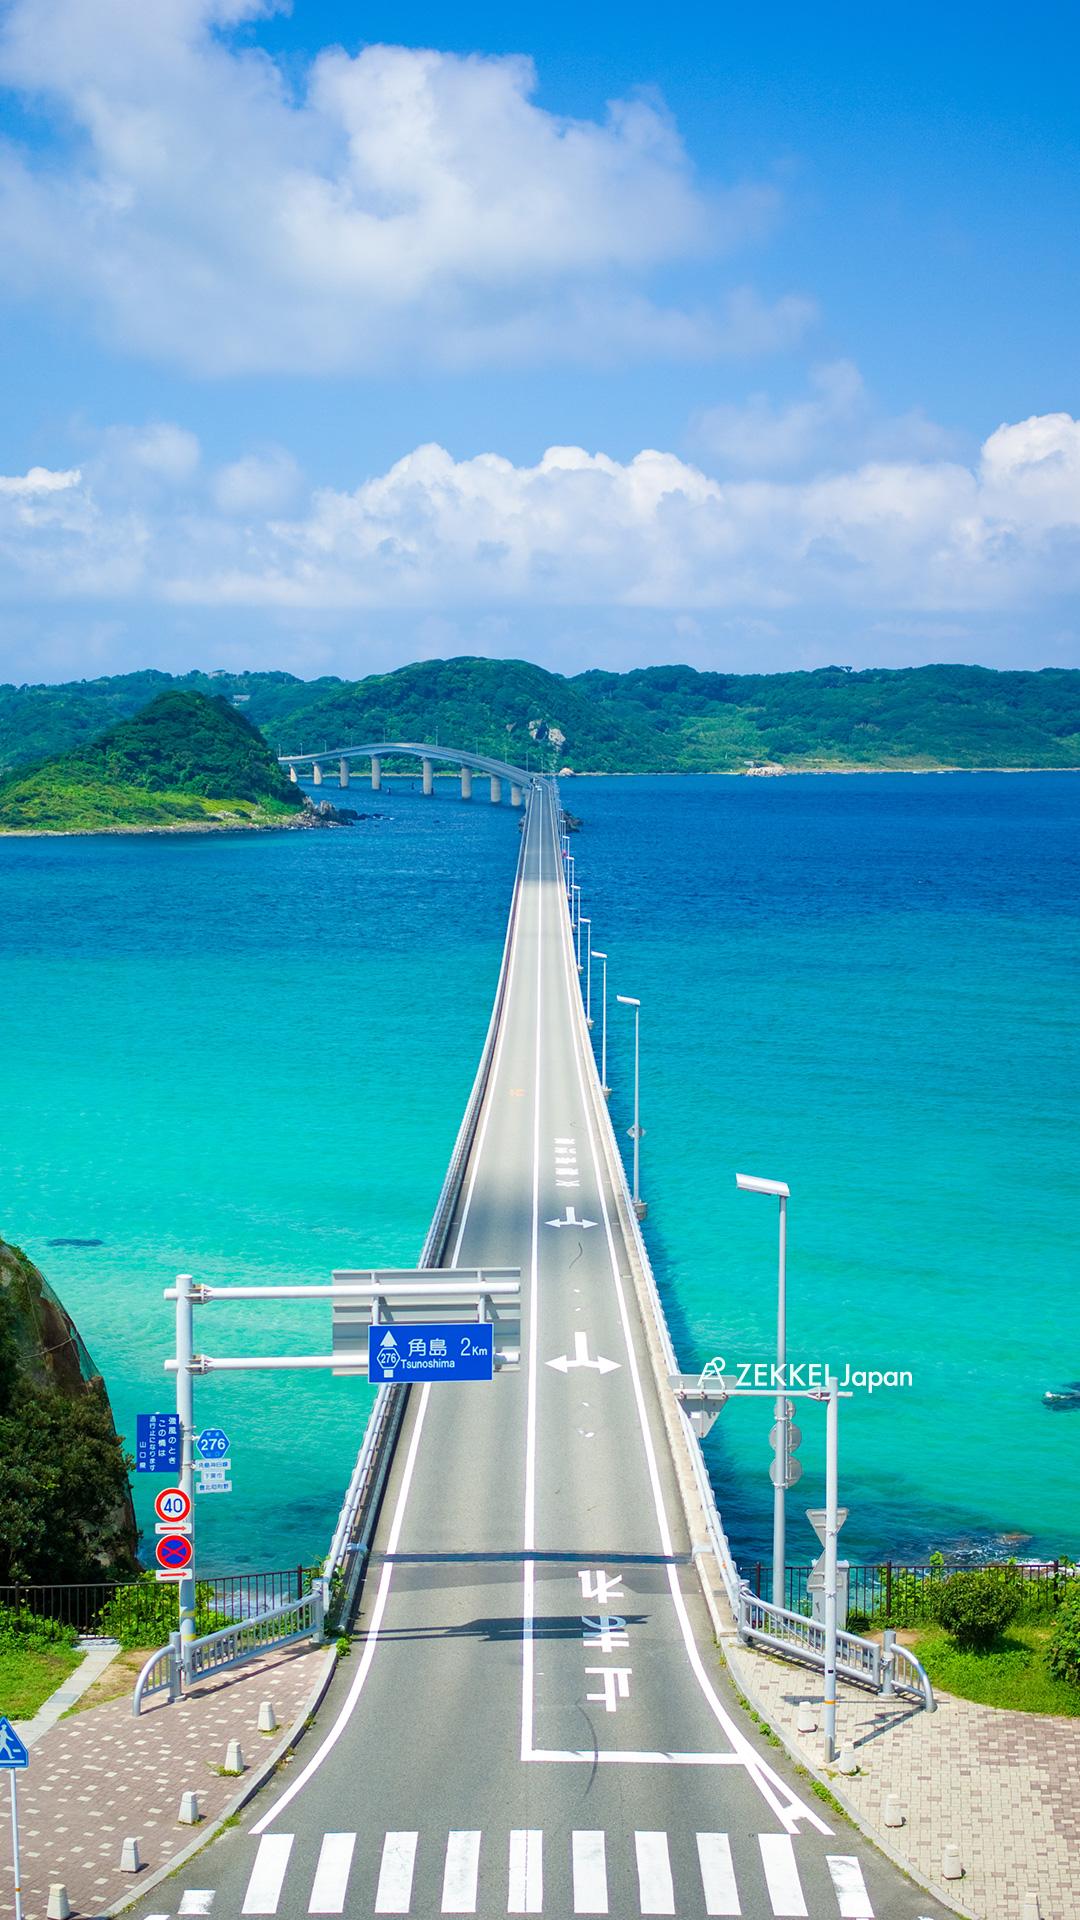 あなたのパソコン スマホに絶景を 海にかかる橋のzekkei壁紙を